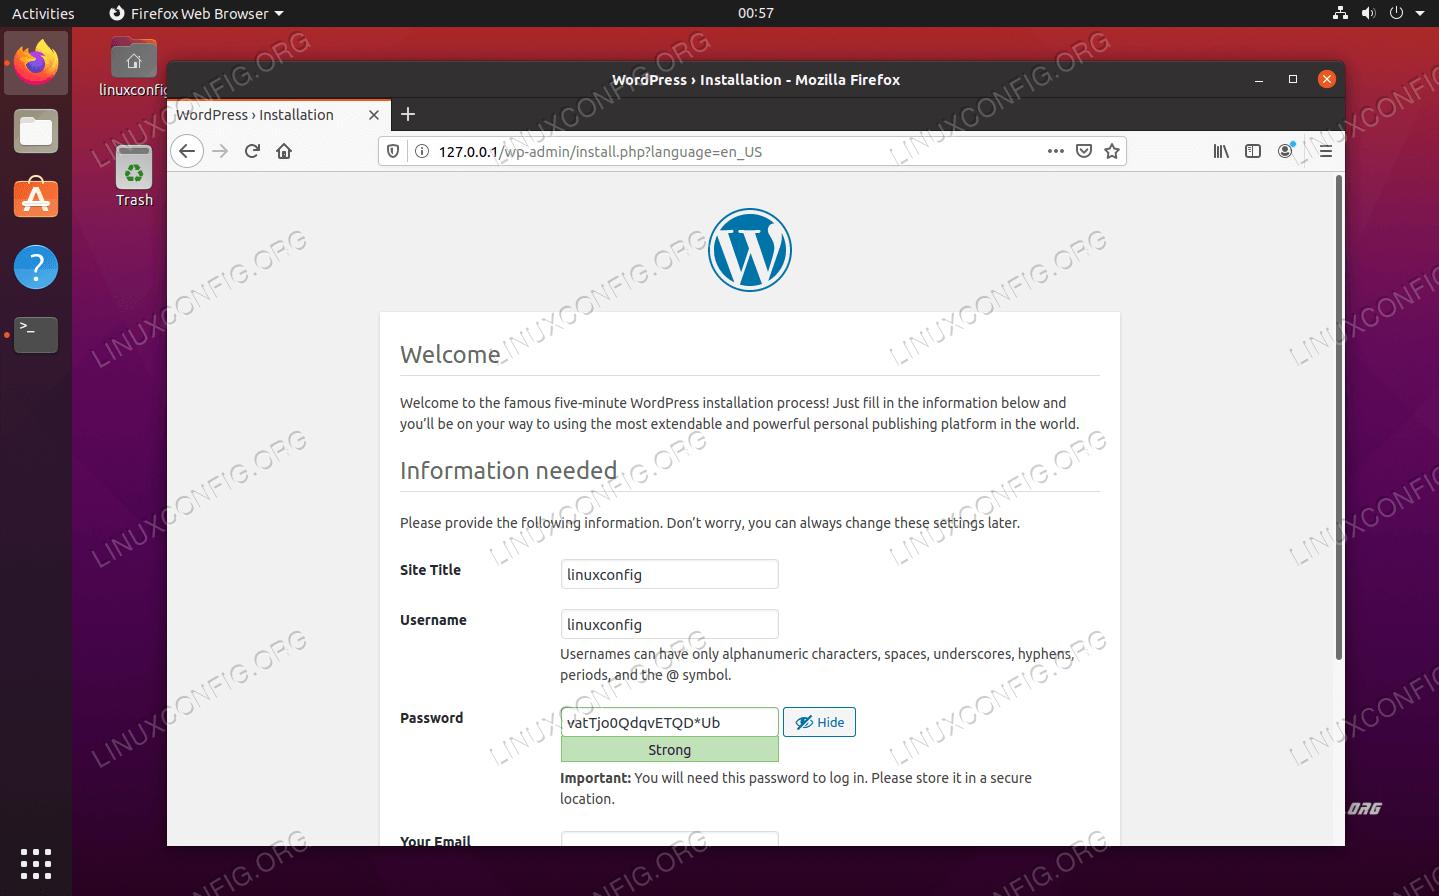 サイトのタイトル、ユーザー名、パスワード、メールアドレスを入力してください